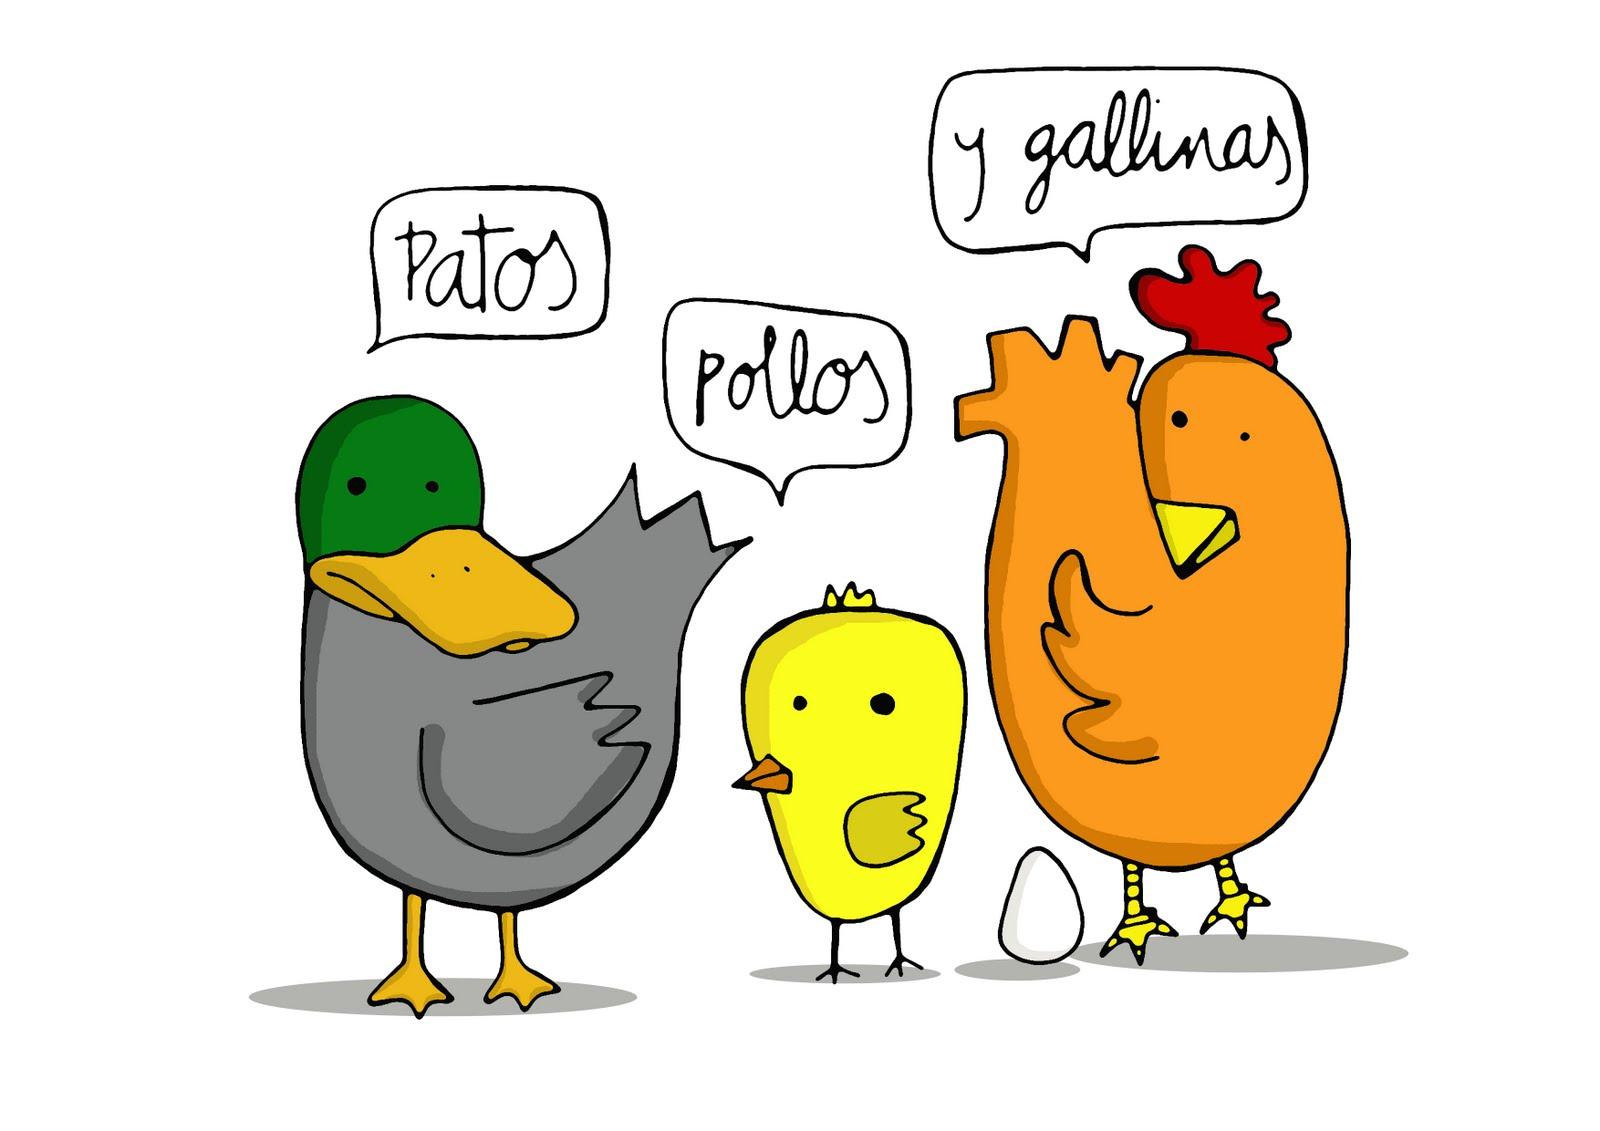 Marta Jiménez: Patos, pollos y gallinas van...